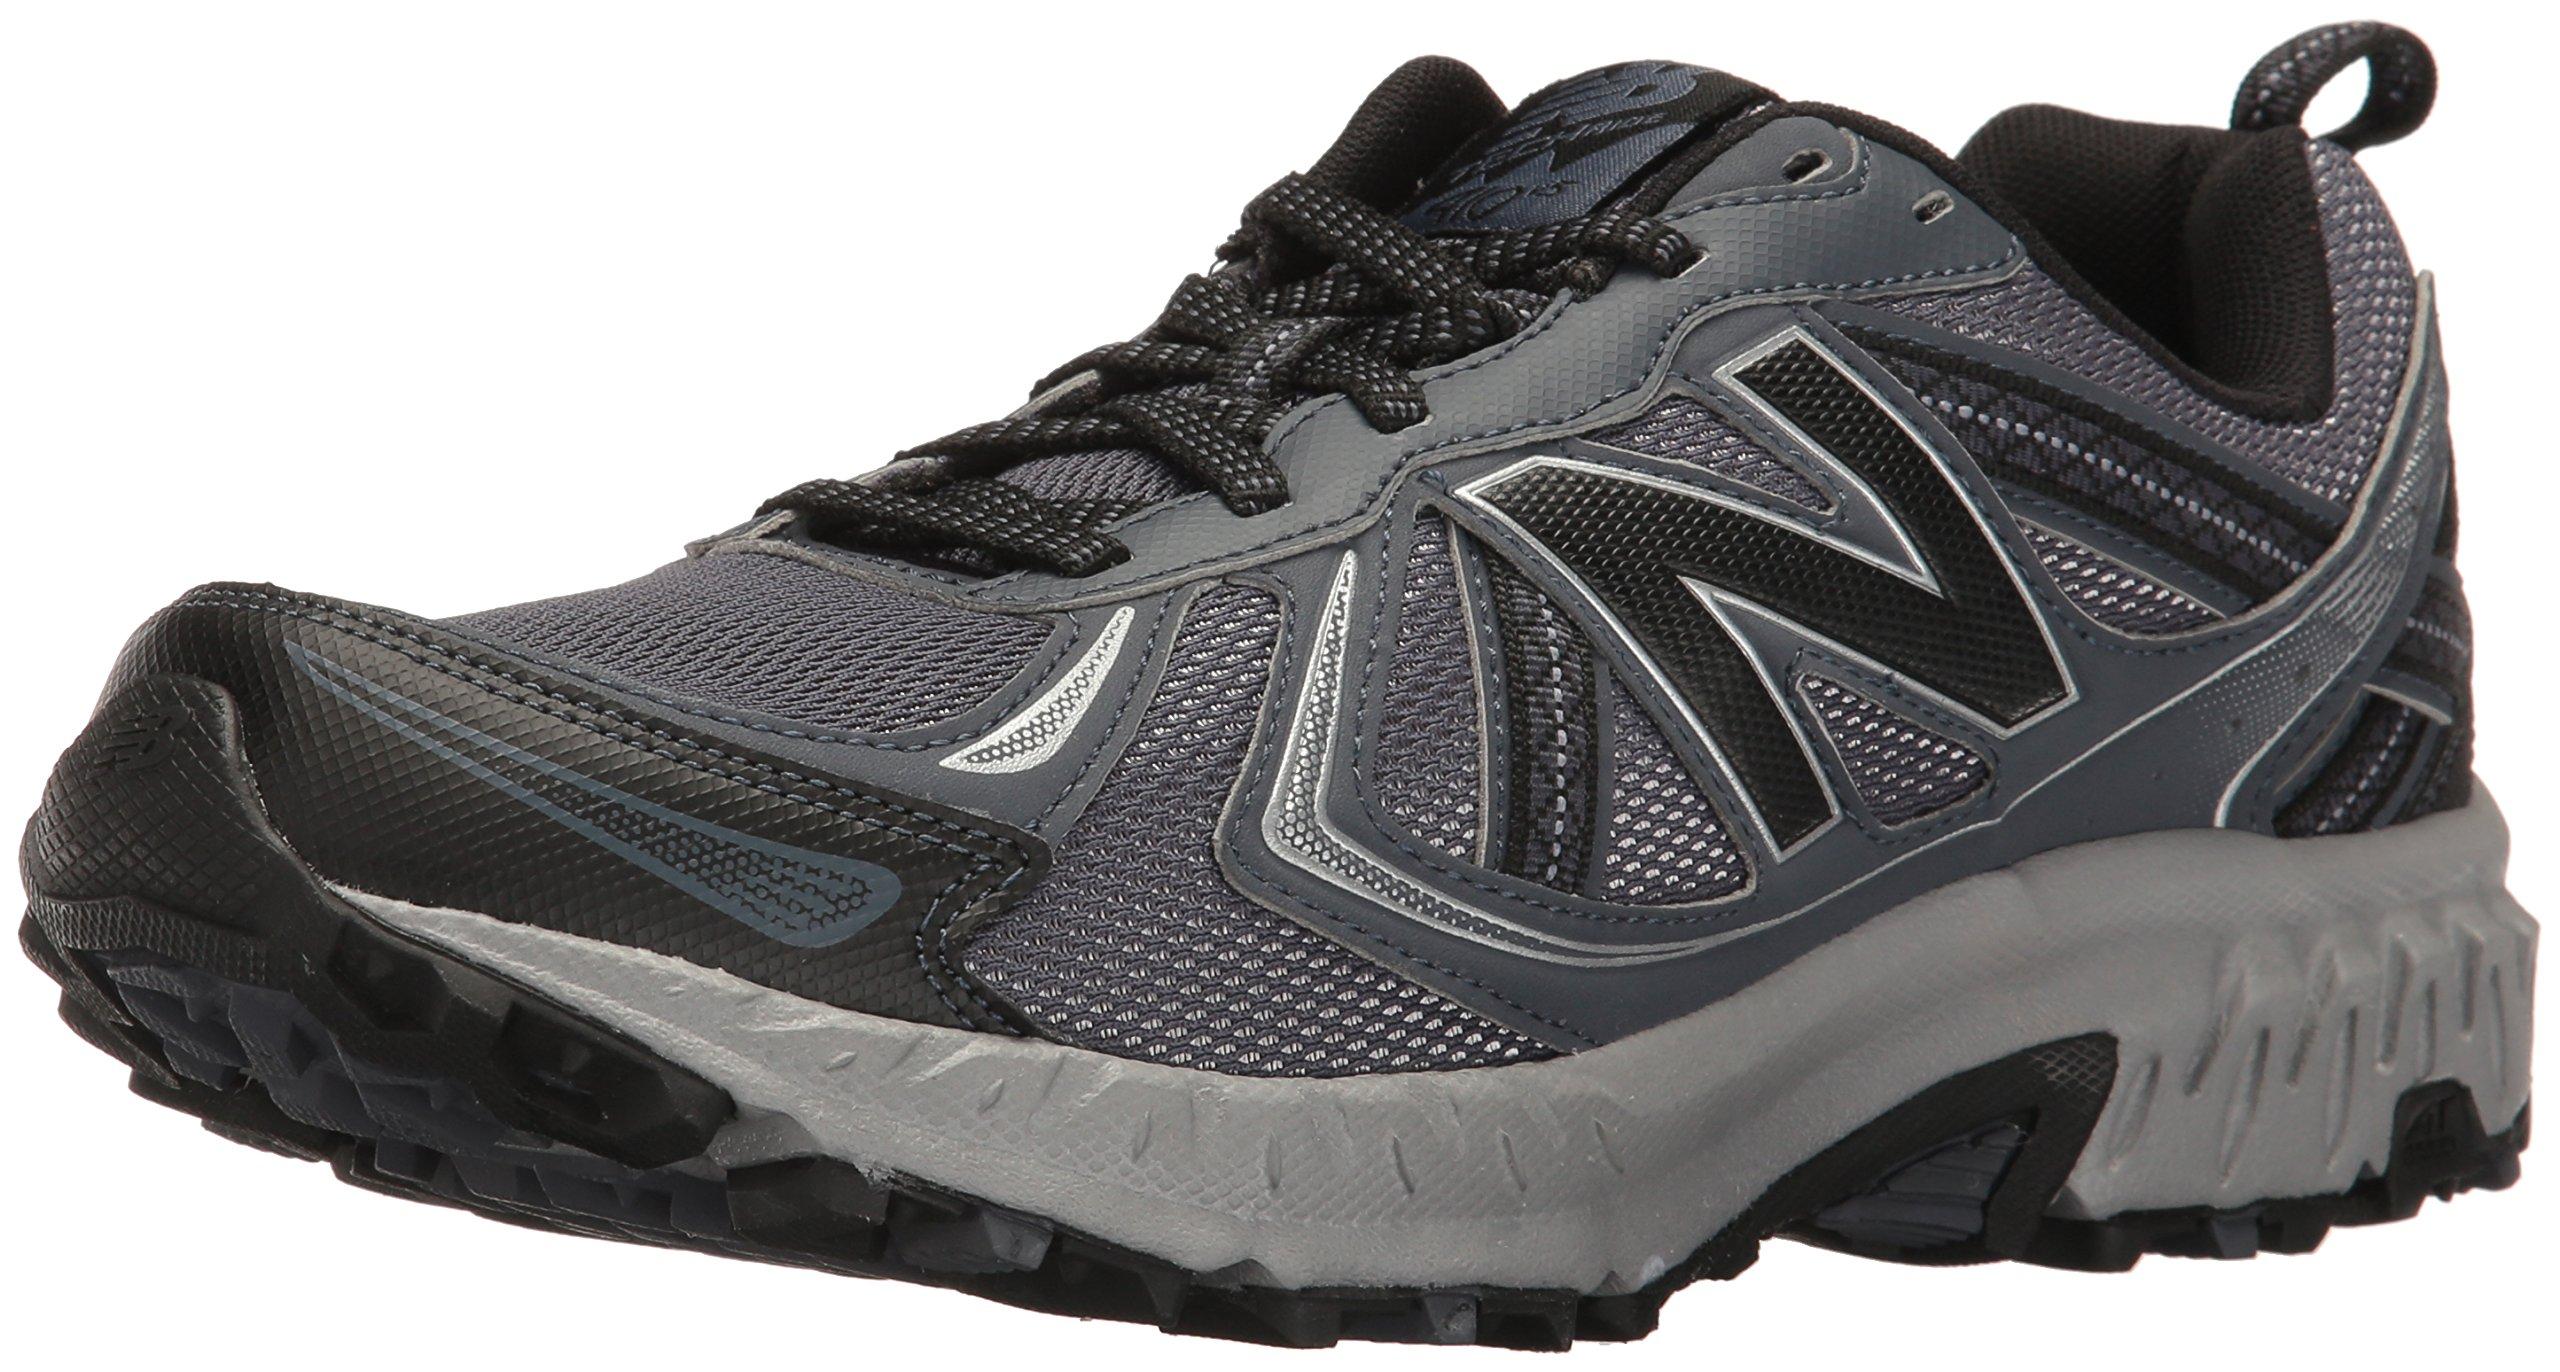 New Balance Men's MT410v5 Cushioning Trail Running Shoe, Dark Grey, 11 D US